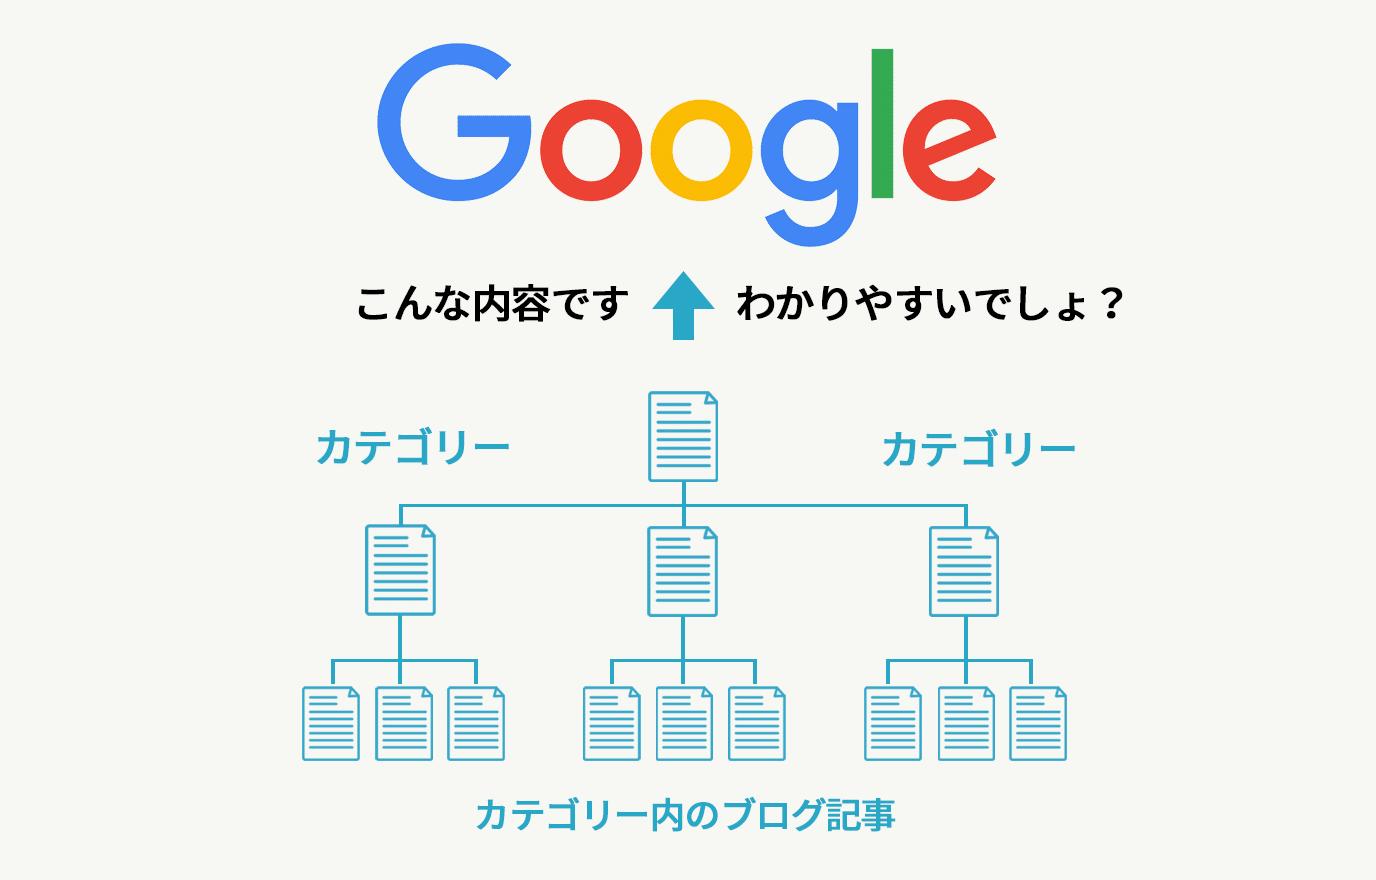 ホームページの階層構造をGoogleへ知らせる